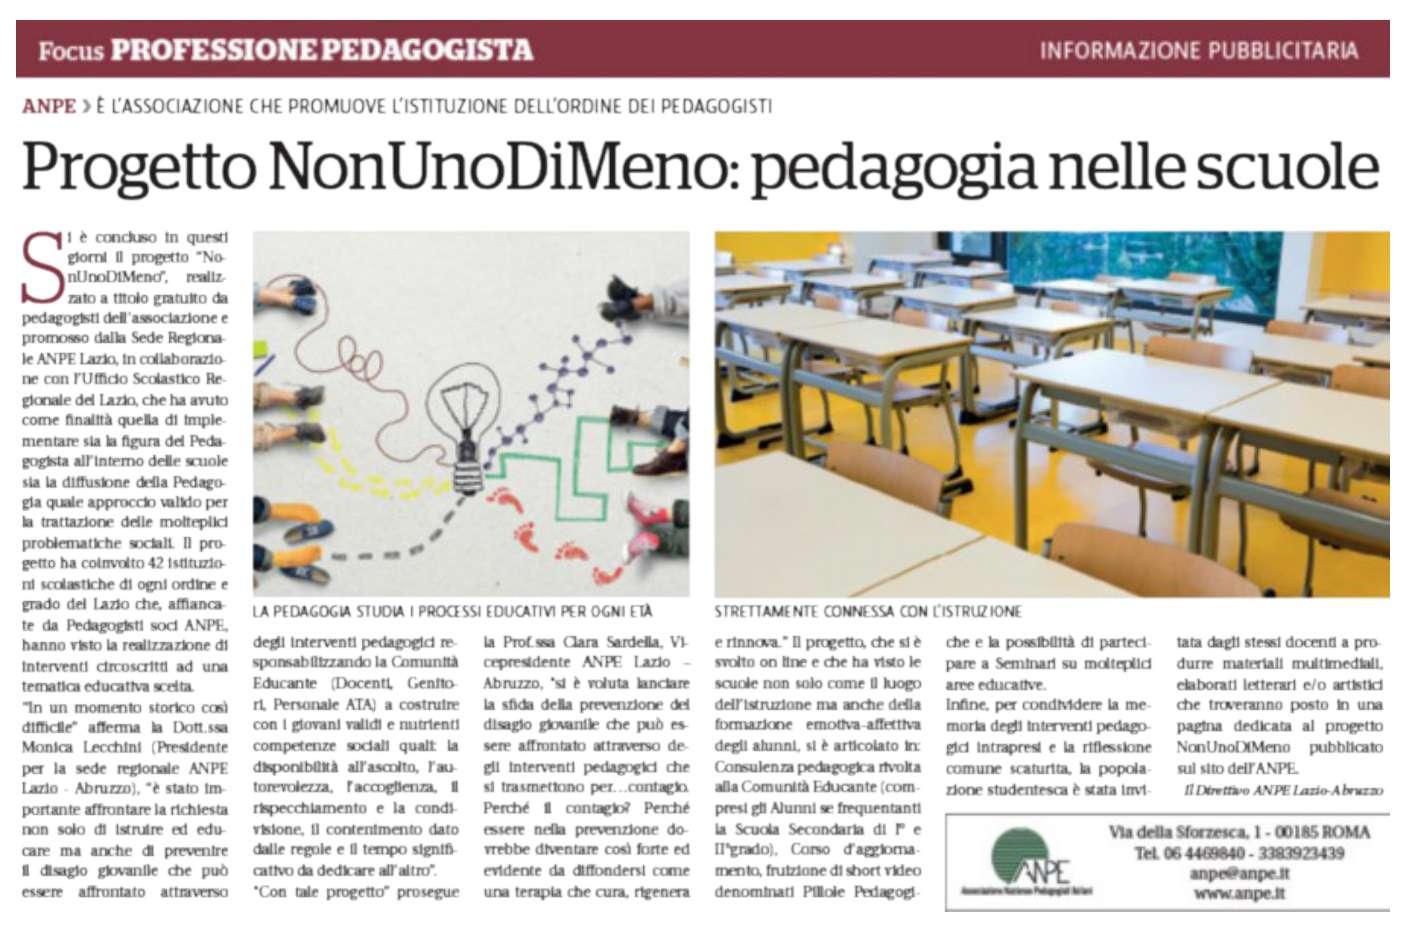 Progetto NonUnoDiMeno: pedagogia nelle scuole